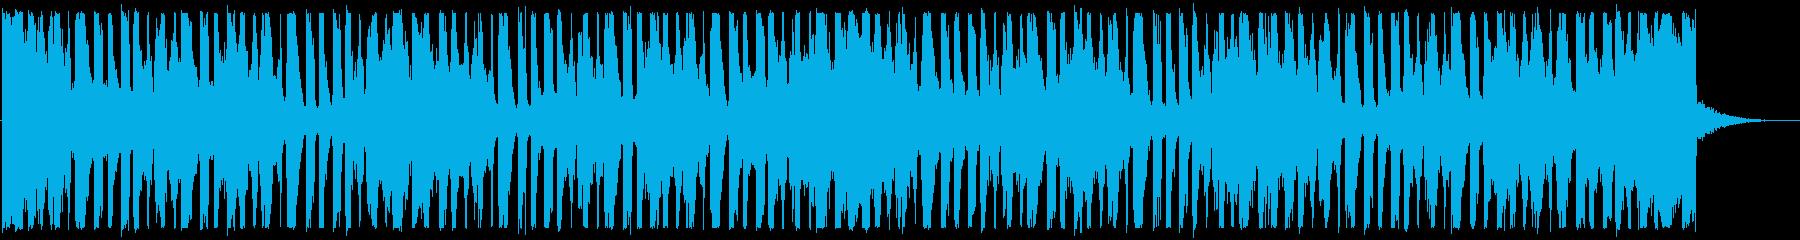 涼しげなディープハウス_No615_5の再生済みの波形